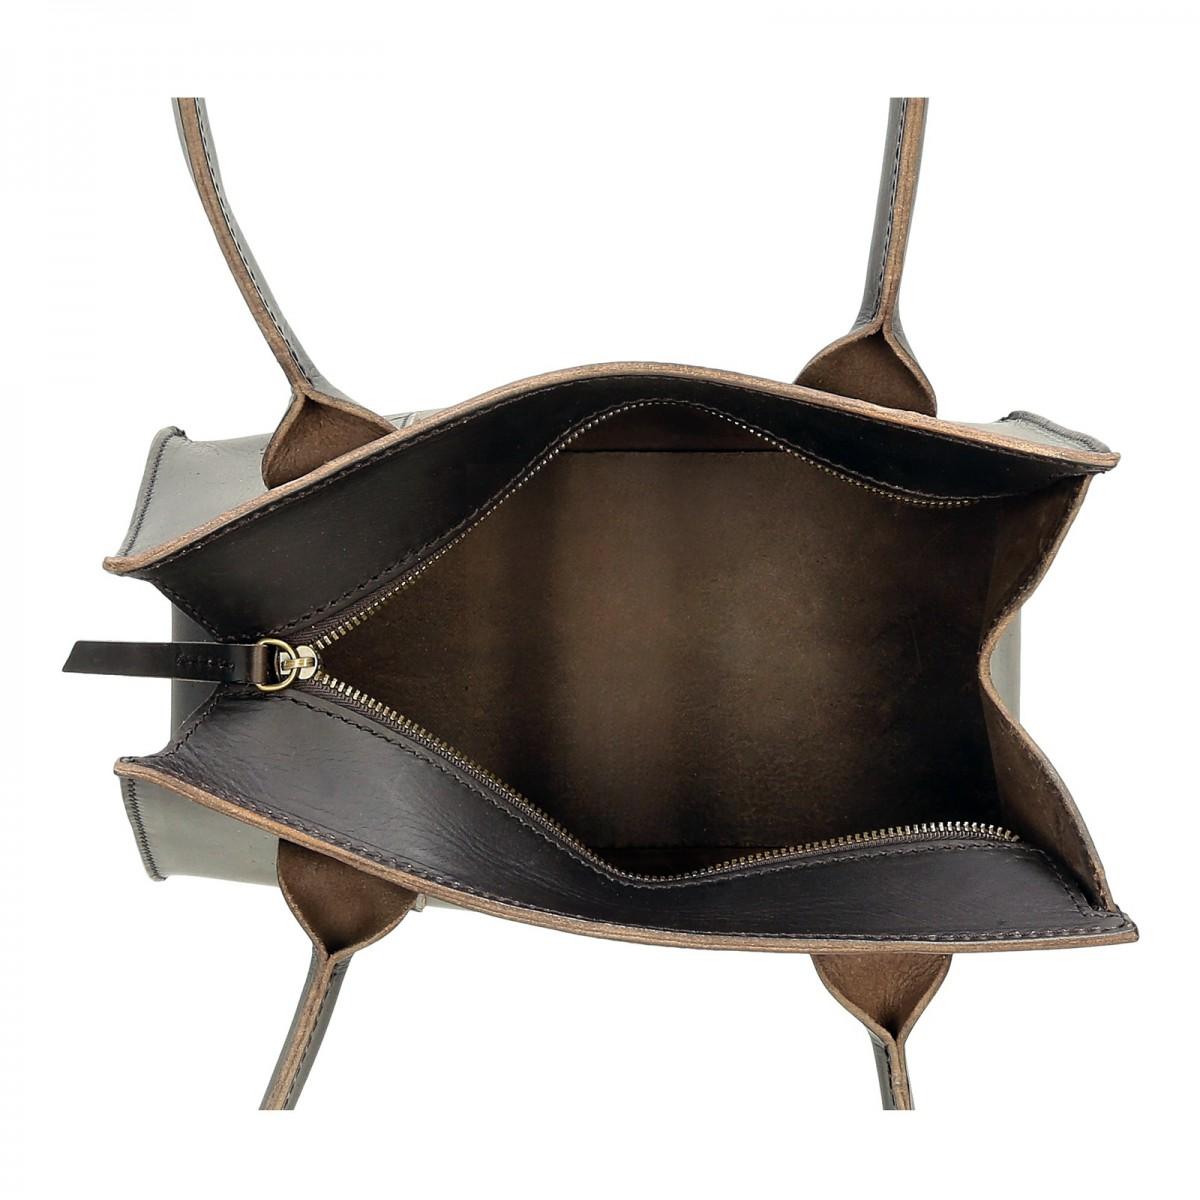 petit sac main en cuir marron artisanale pour femmes. Black Bedroom Furniture Sets. Home Design Ideas